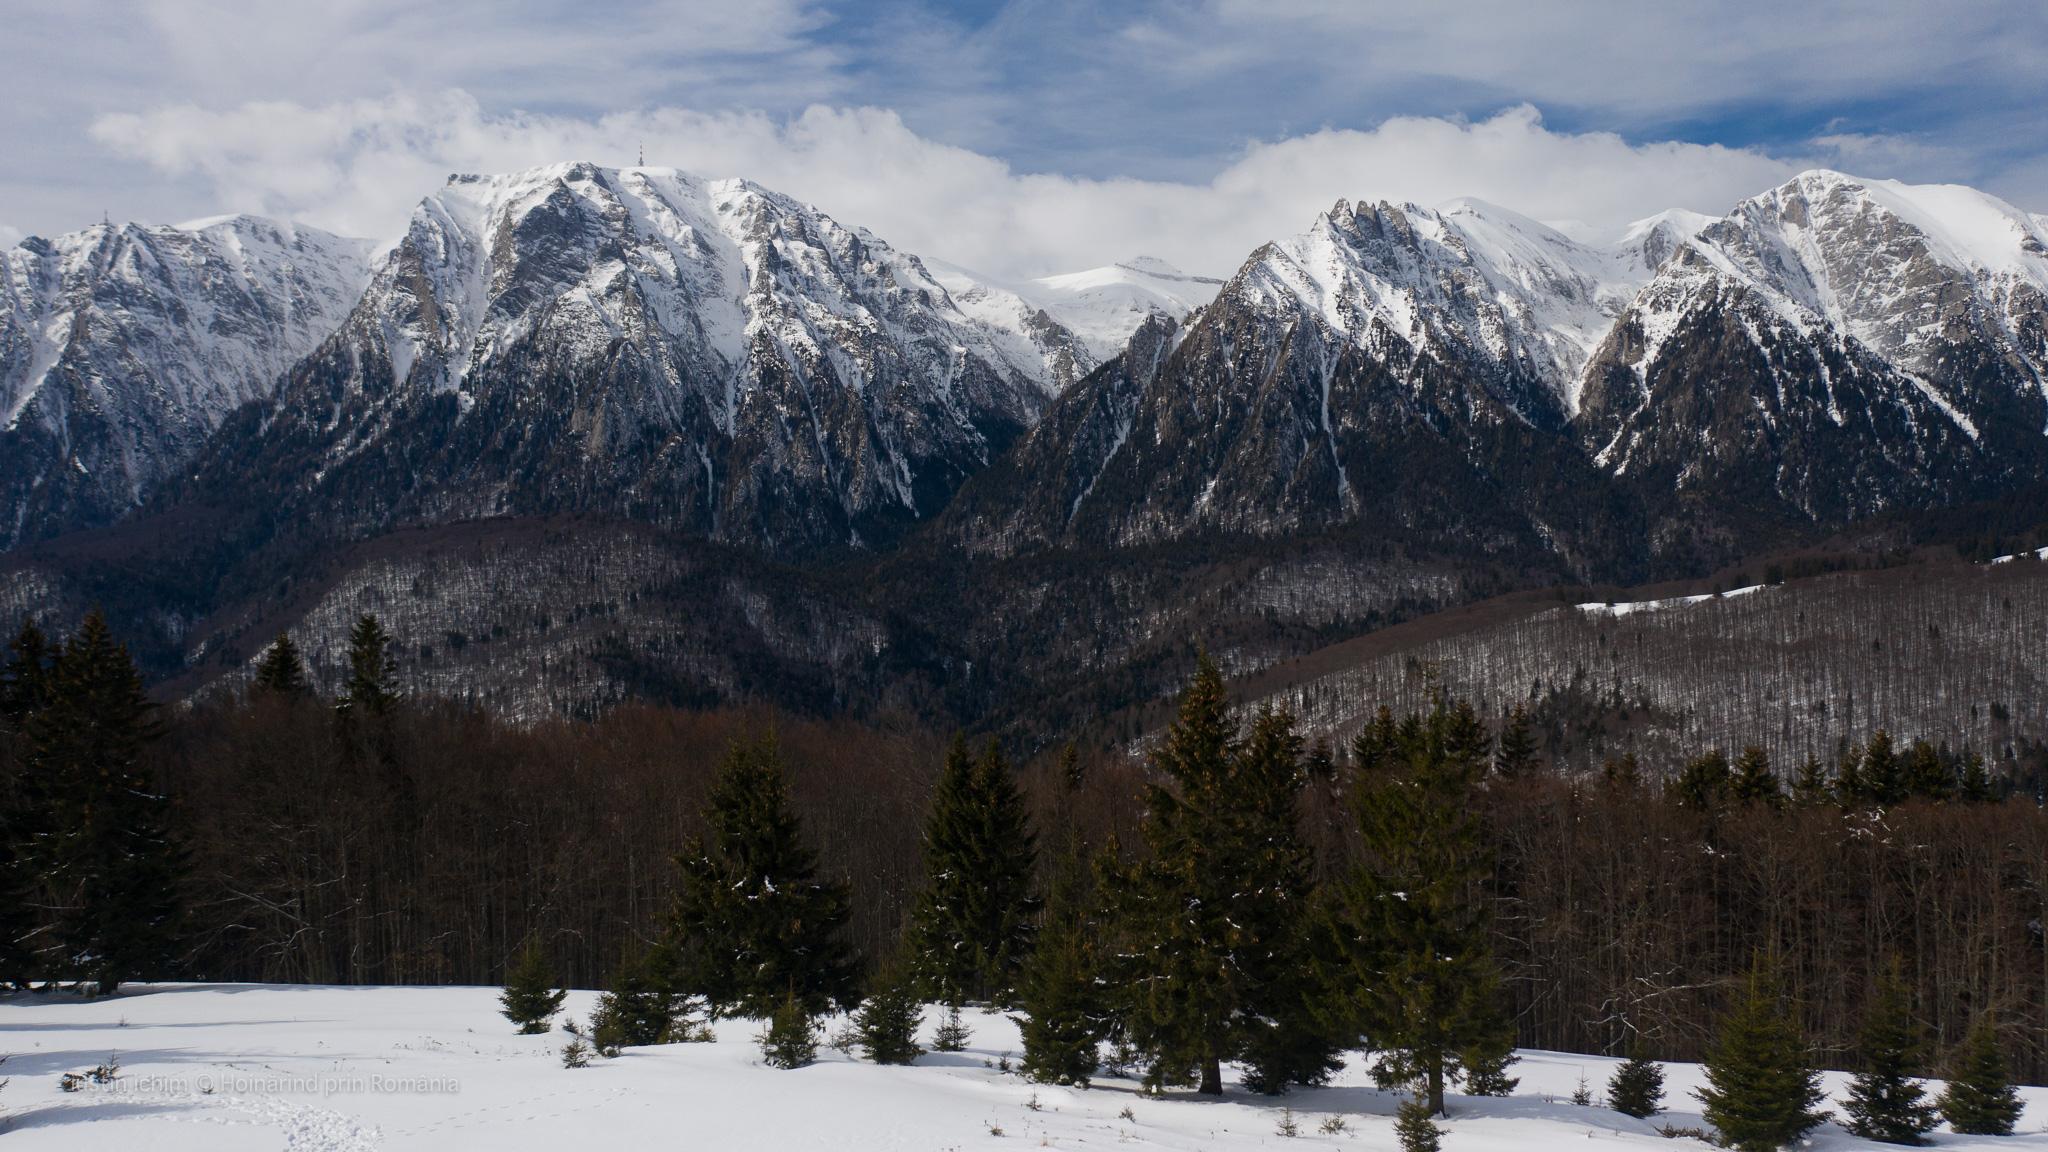 Munții Bucegi, vazuti de pe vf. Grecului